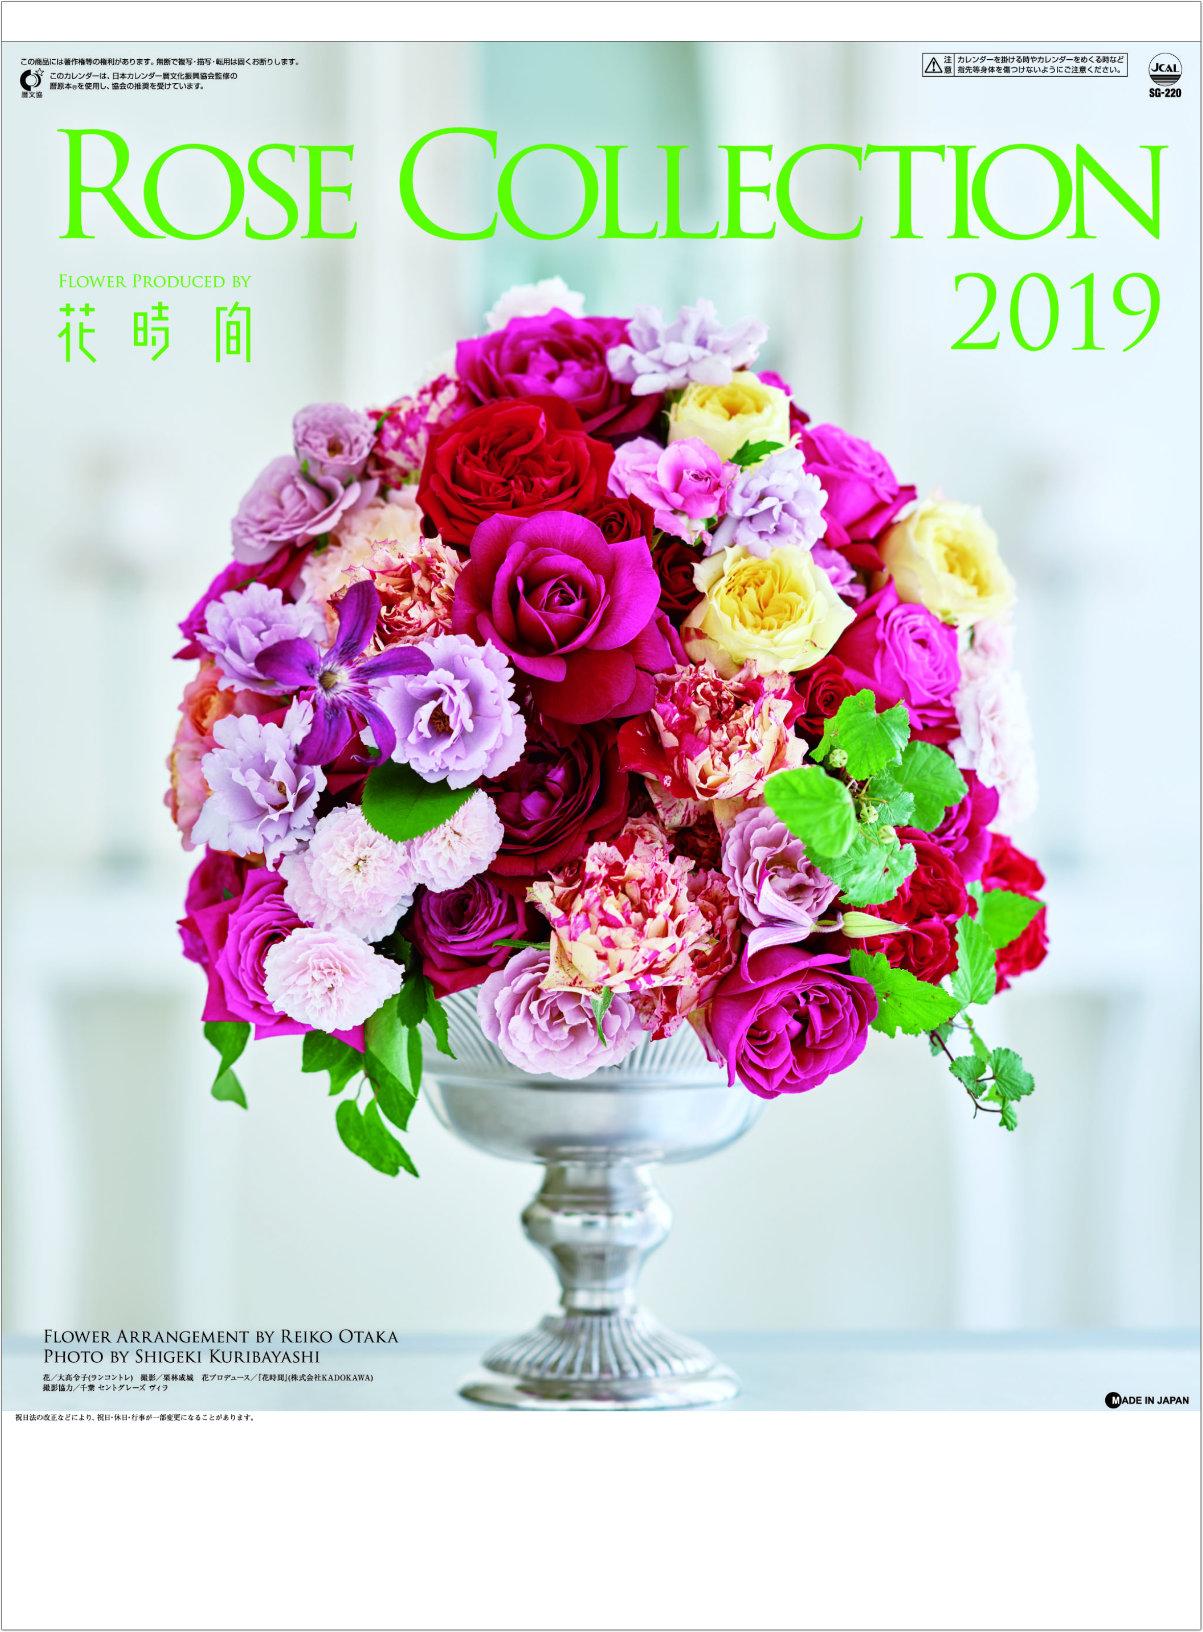 表紙 ローズコレクション 2019年カレンダーの画像